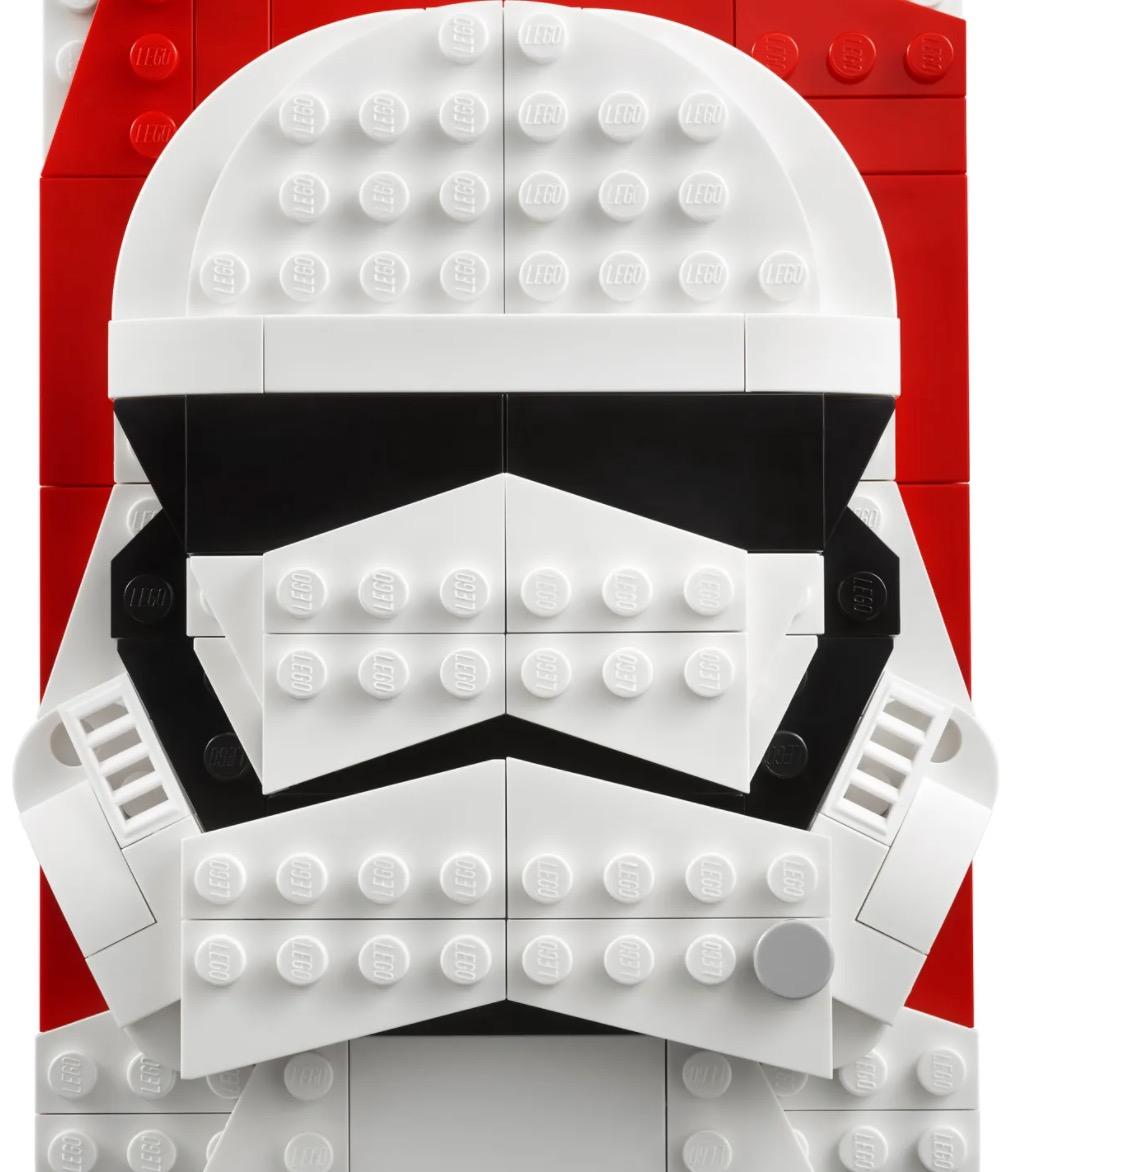 LEGO 乐高 木制积木 (其他)